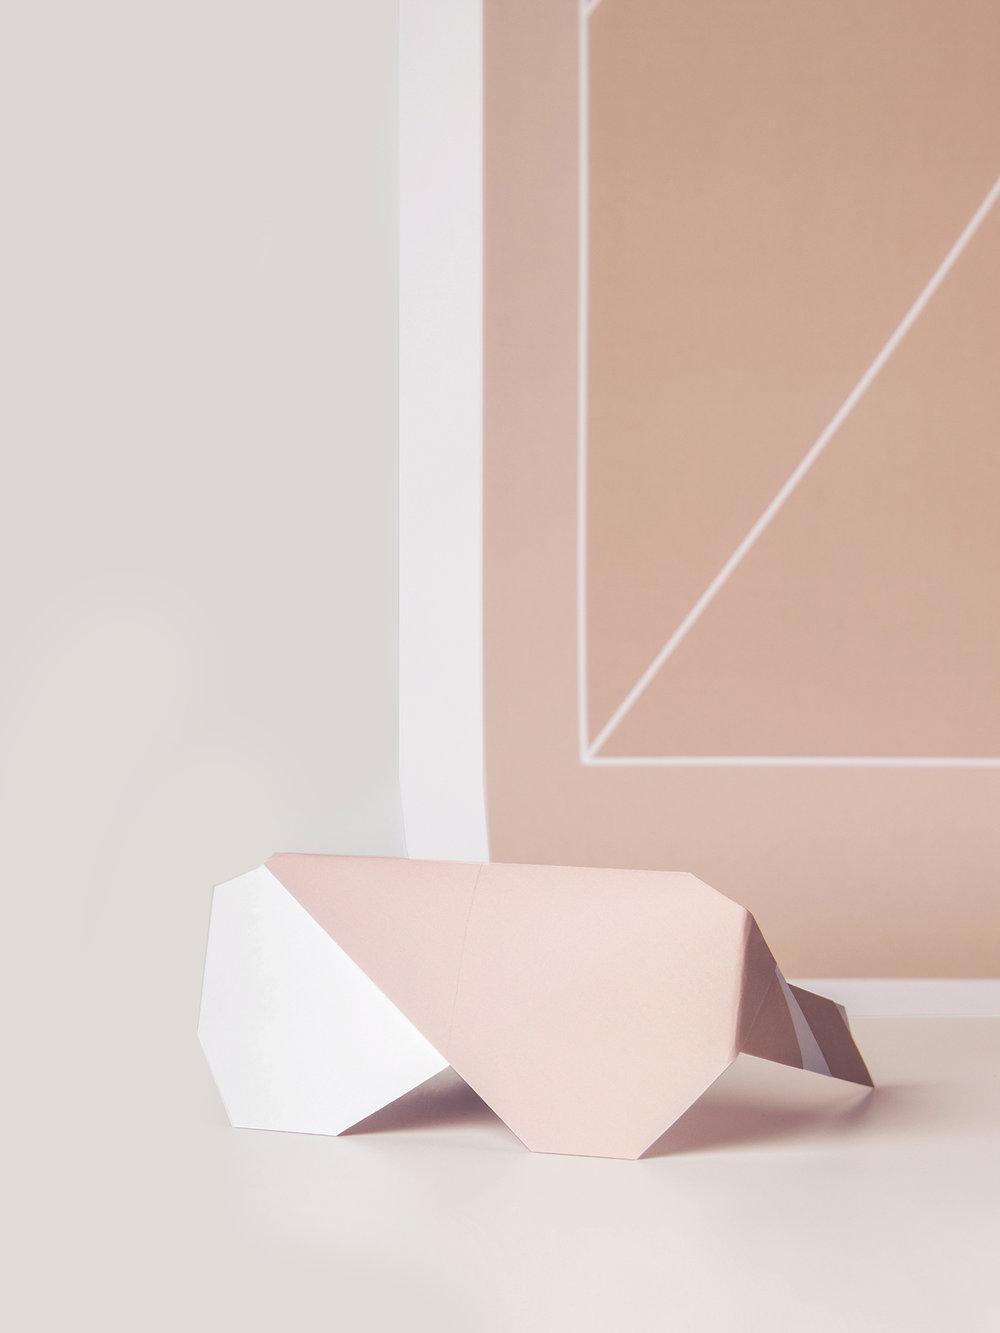 Origami Figur Sonnenbrille Diva mit passendem Print  Origami figure Sunglasses Diva with adequate print